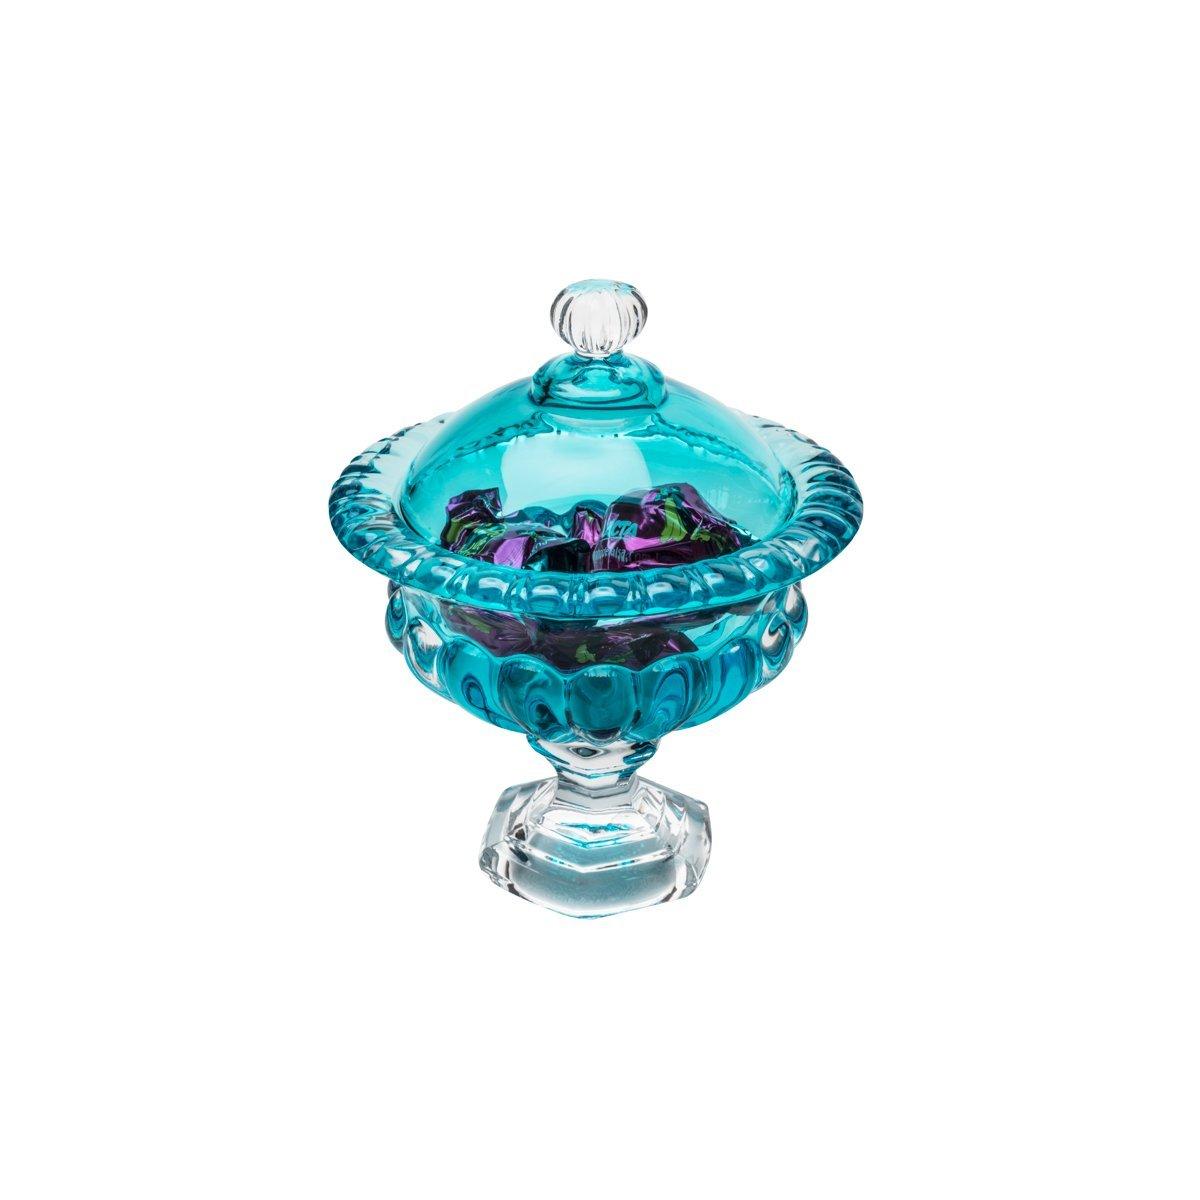 Bomboniere 16 cm de cristal turquesa com pé e tampa Sussex Wolff - 26455